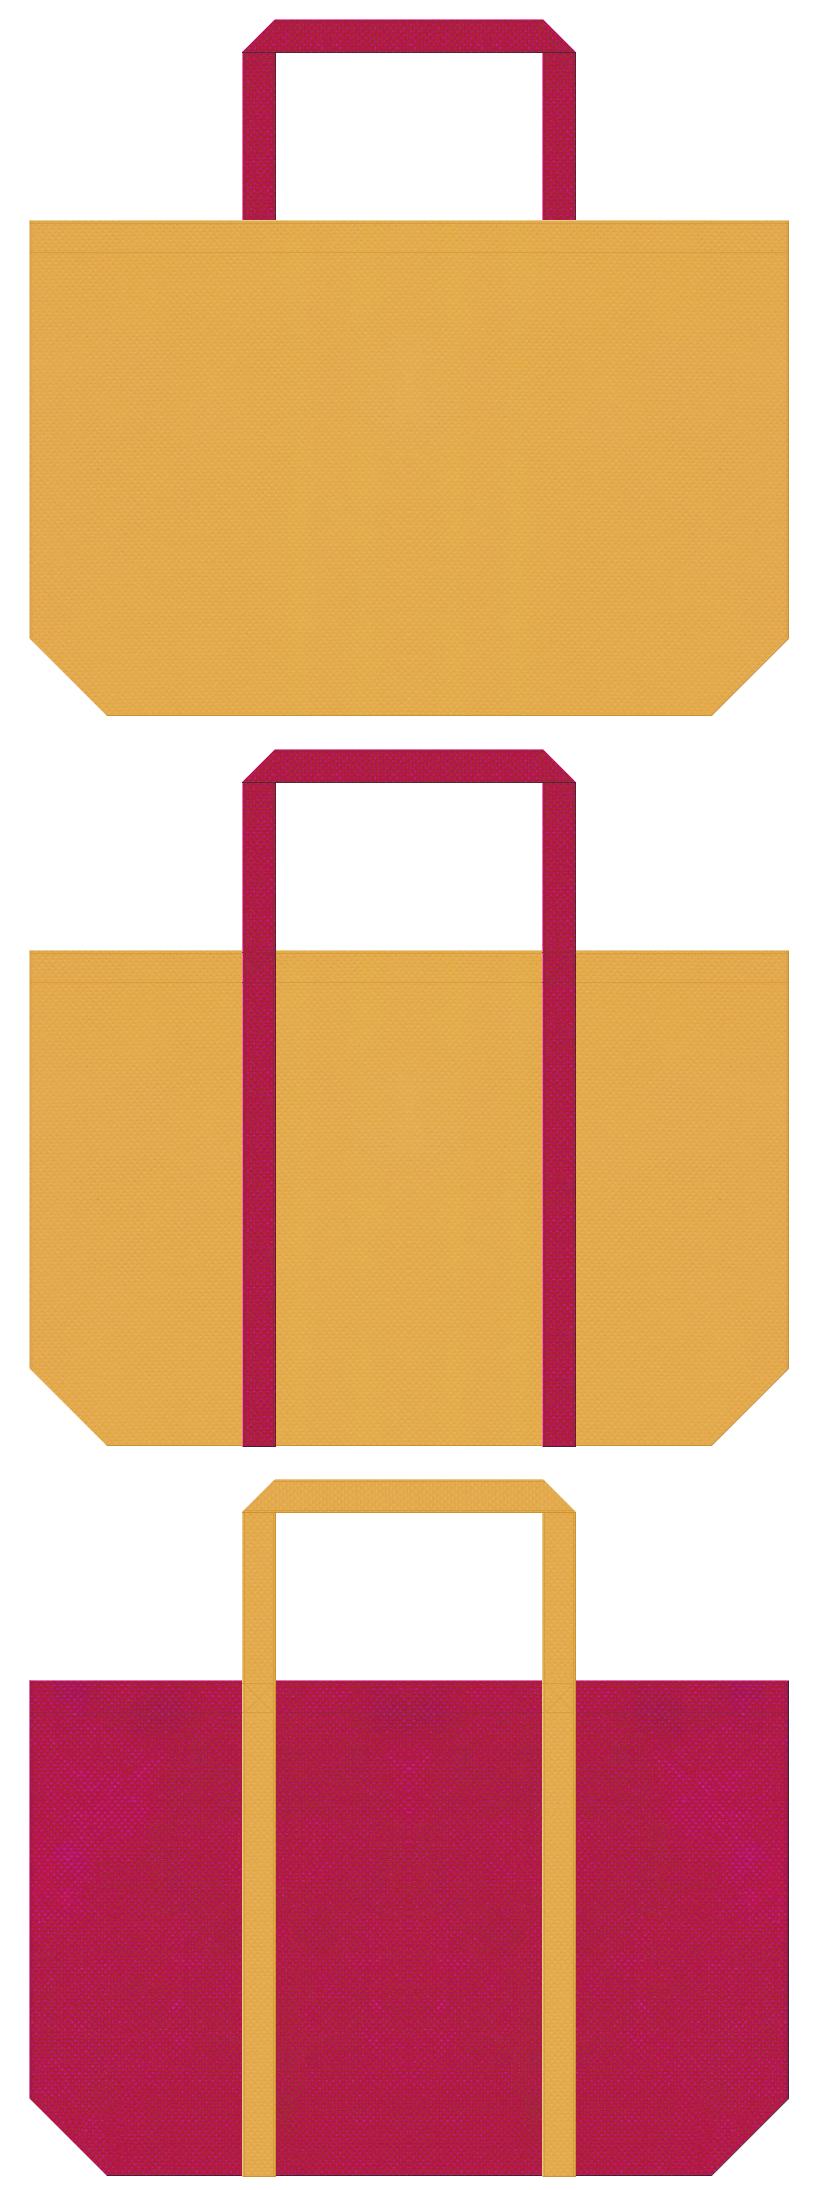 ゲーム・絵本・おとぎ話・お菓子の家・プリンセス・テーマパーク・南国・トロピカル・フルーツ・カクテル・トラベルバッグ・リゾートのショッピングバッグにお奨めの不織布バッグデザイン:黄土色と濃いピンク色のコーデ